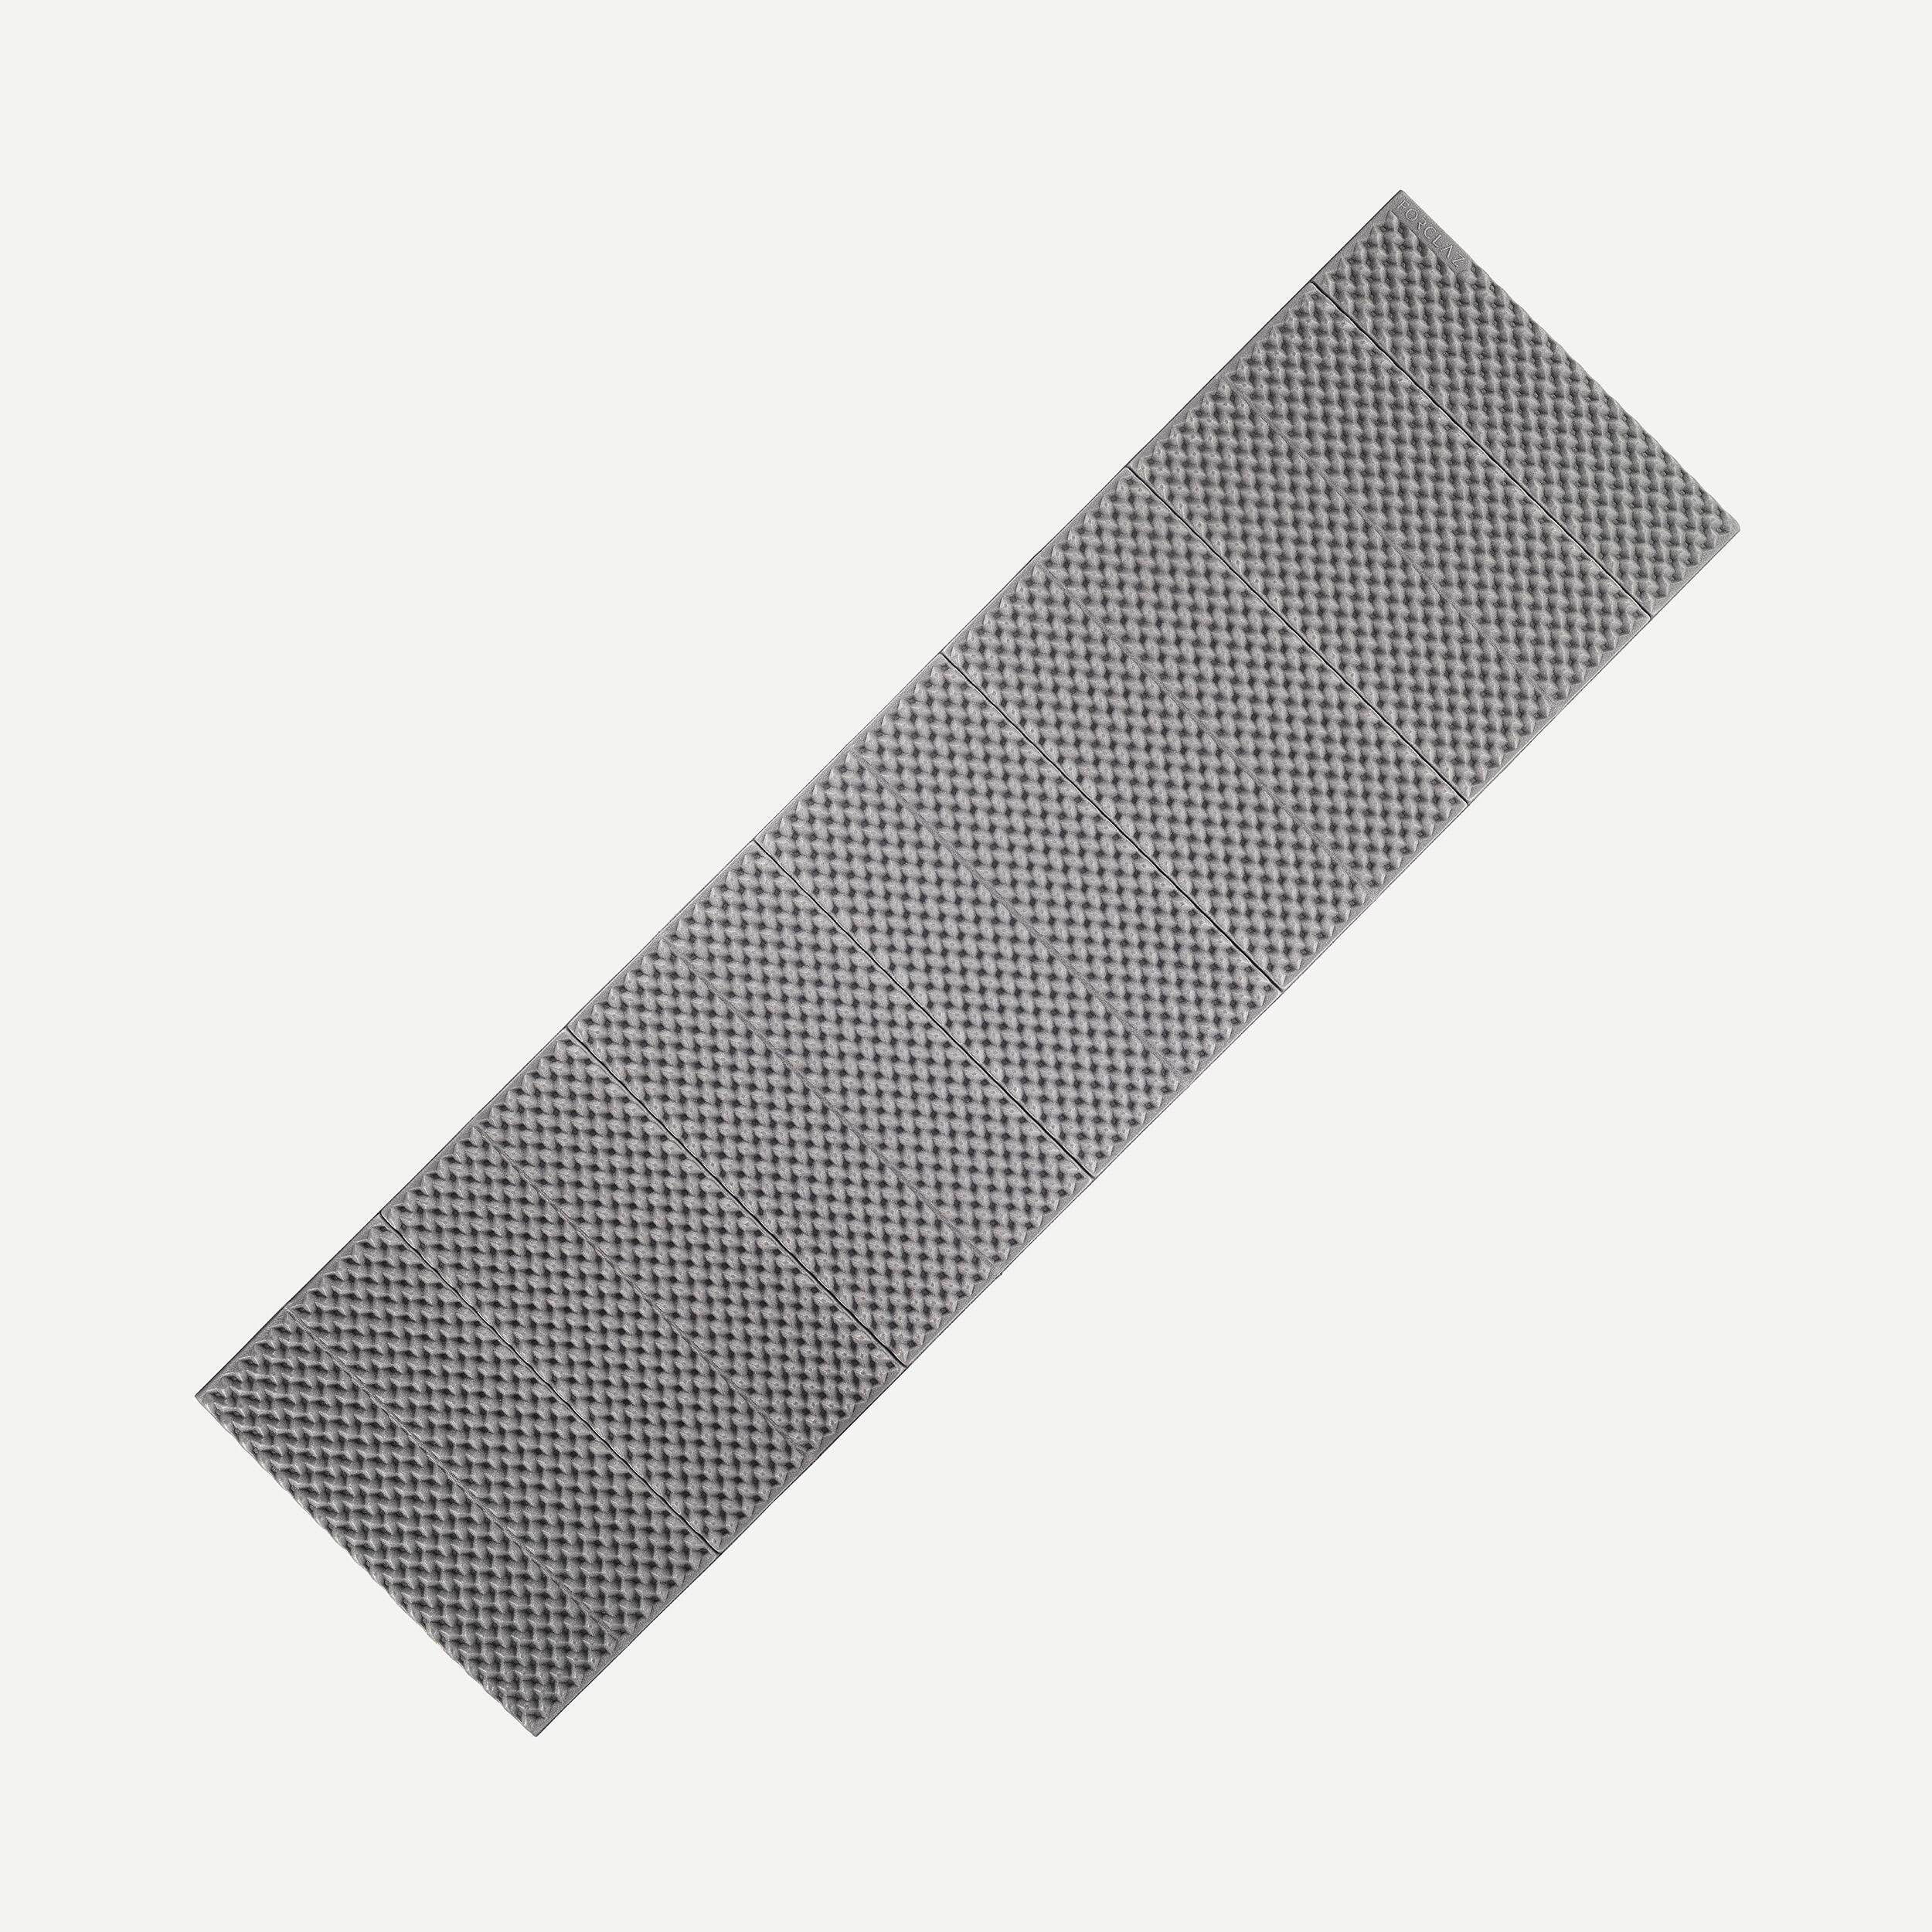 Foam Folding Trekking Mattress - TREK 100 - Grey - L By FORCLAZ | Decathlon